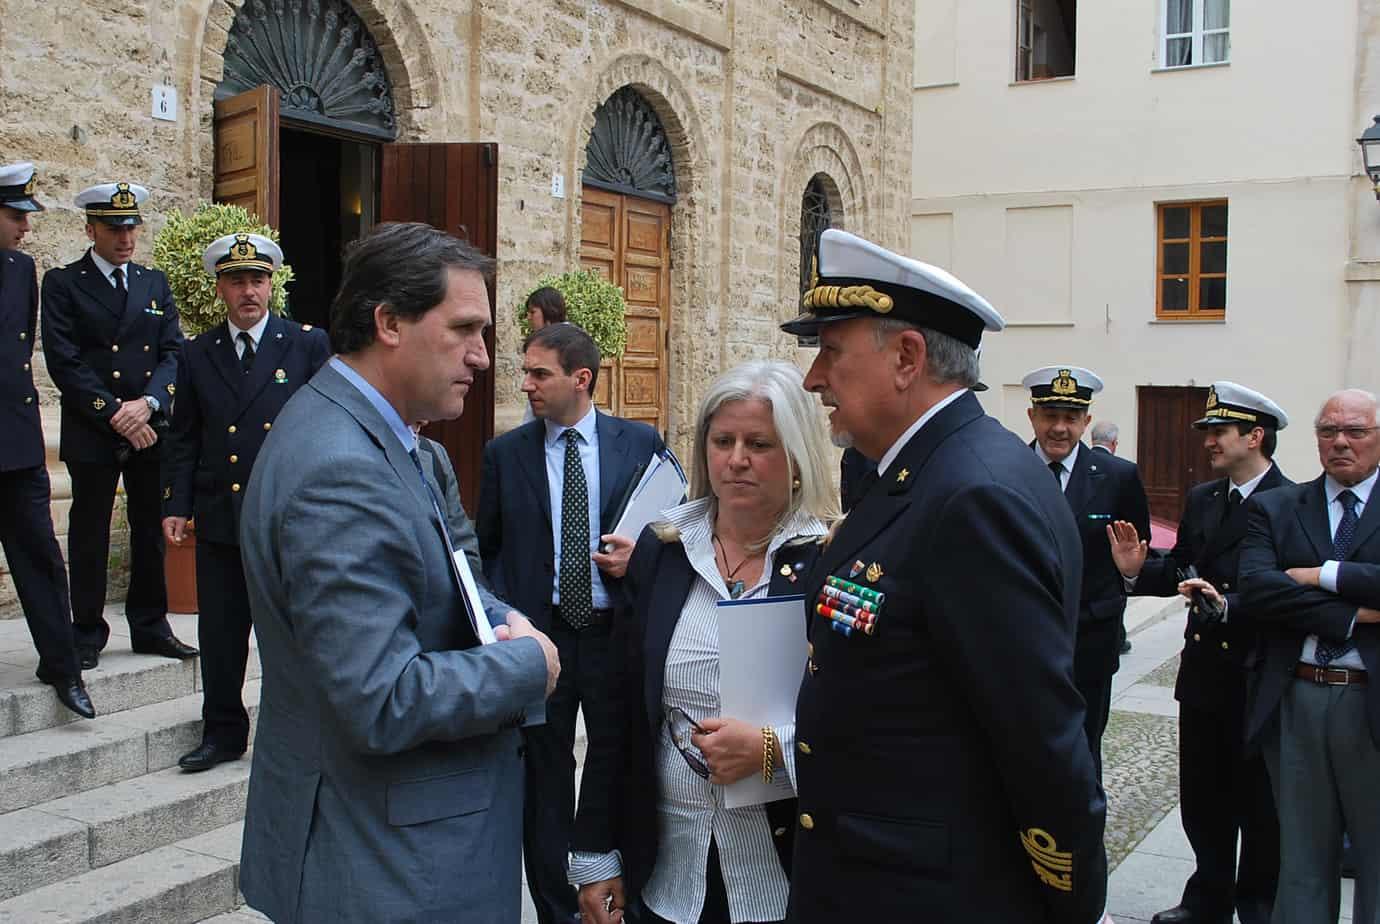 il-sottosegretario-roberto-menia-la-dott-ssa-maria-gloria-giani-lammiraglio-raimondo-pollastrini-pollastrini